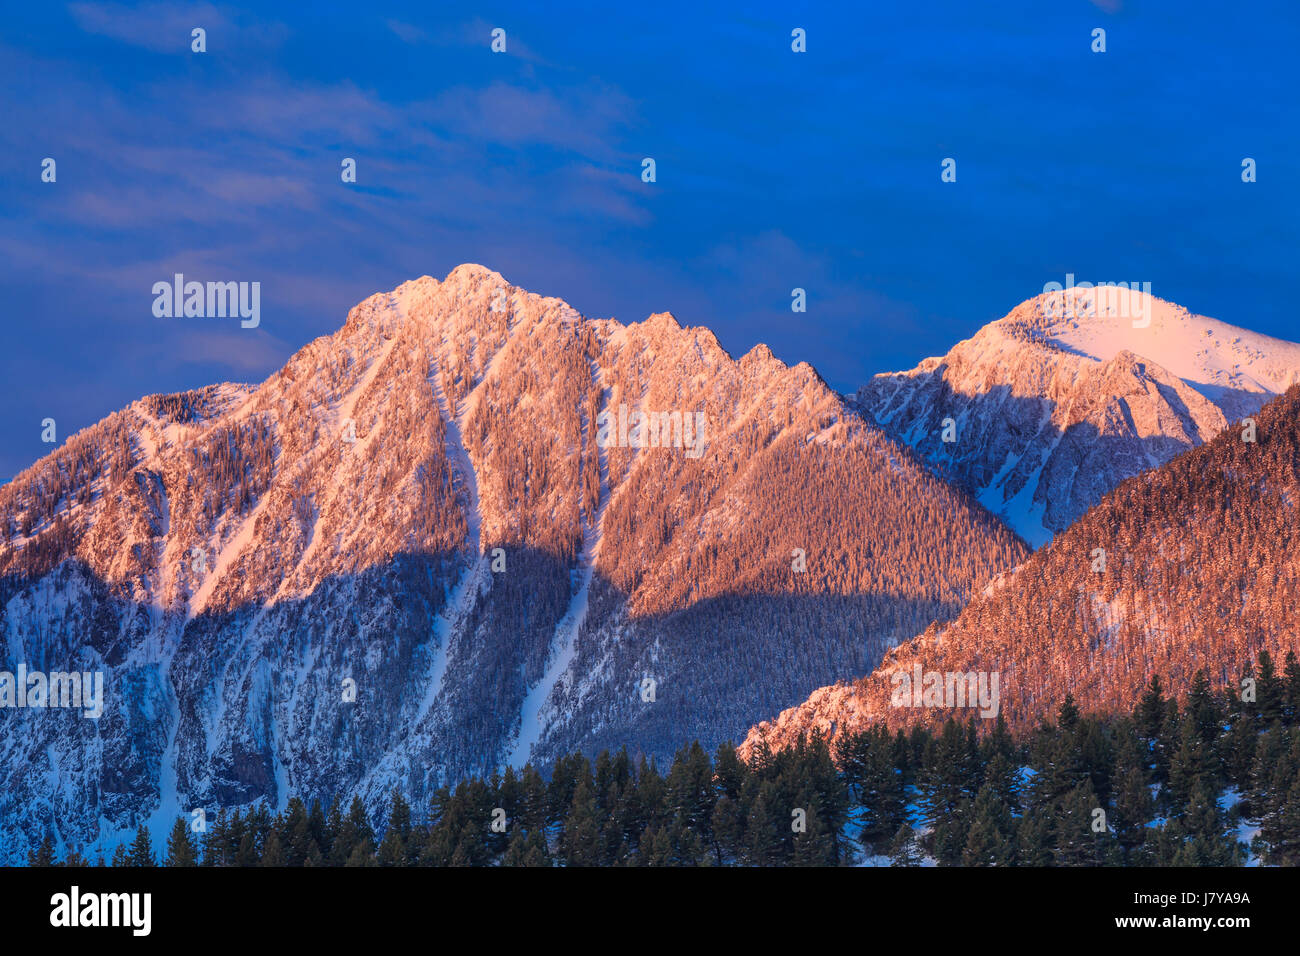 morning light on unnamed peaks in the absaroka range near livingston, montana - Stock Image